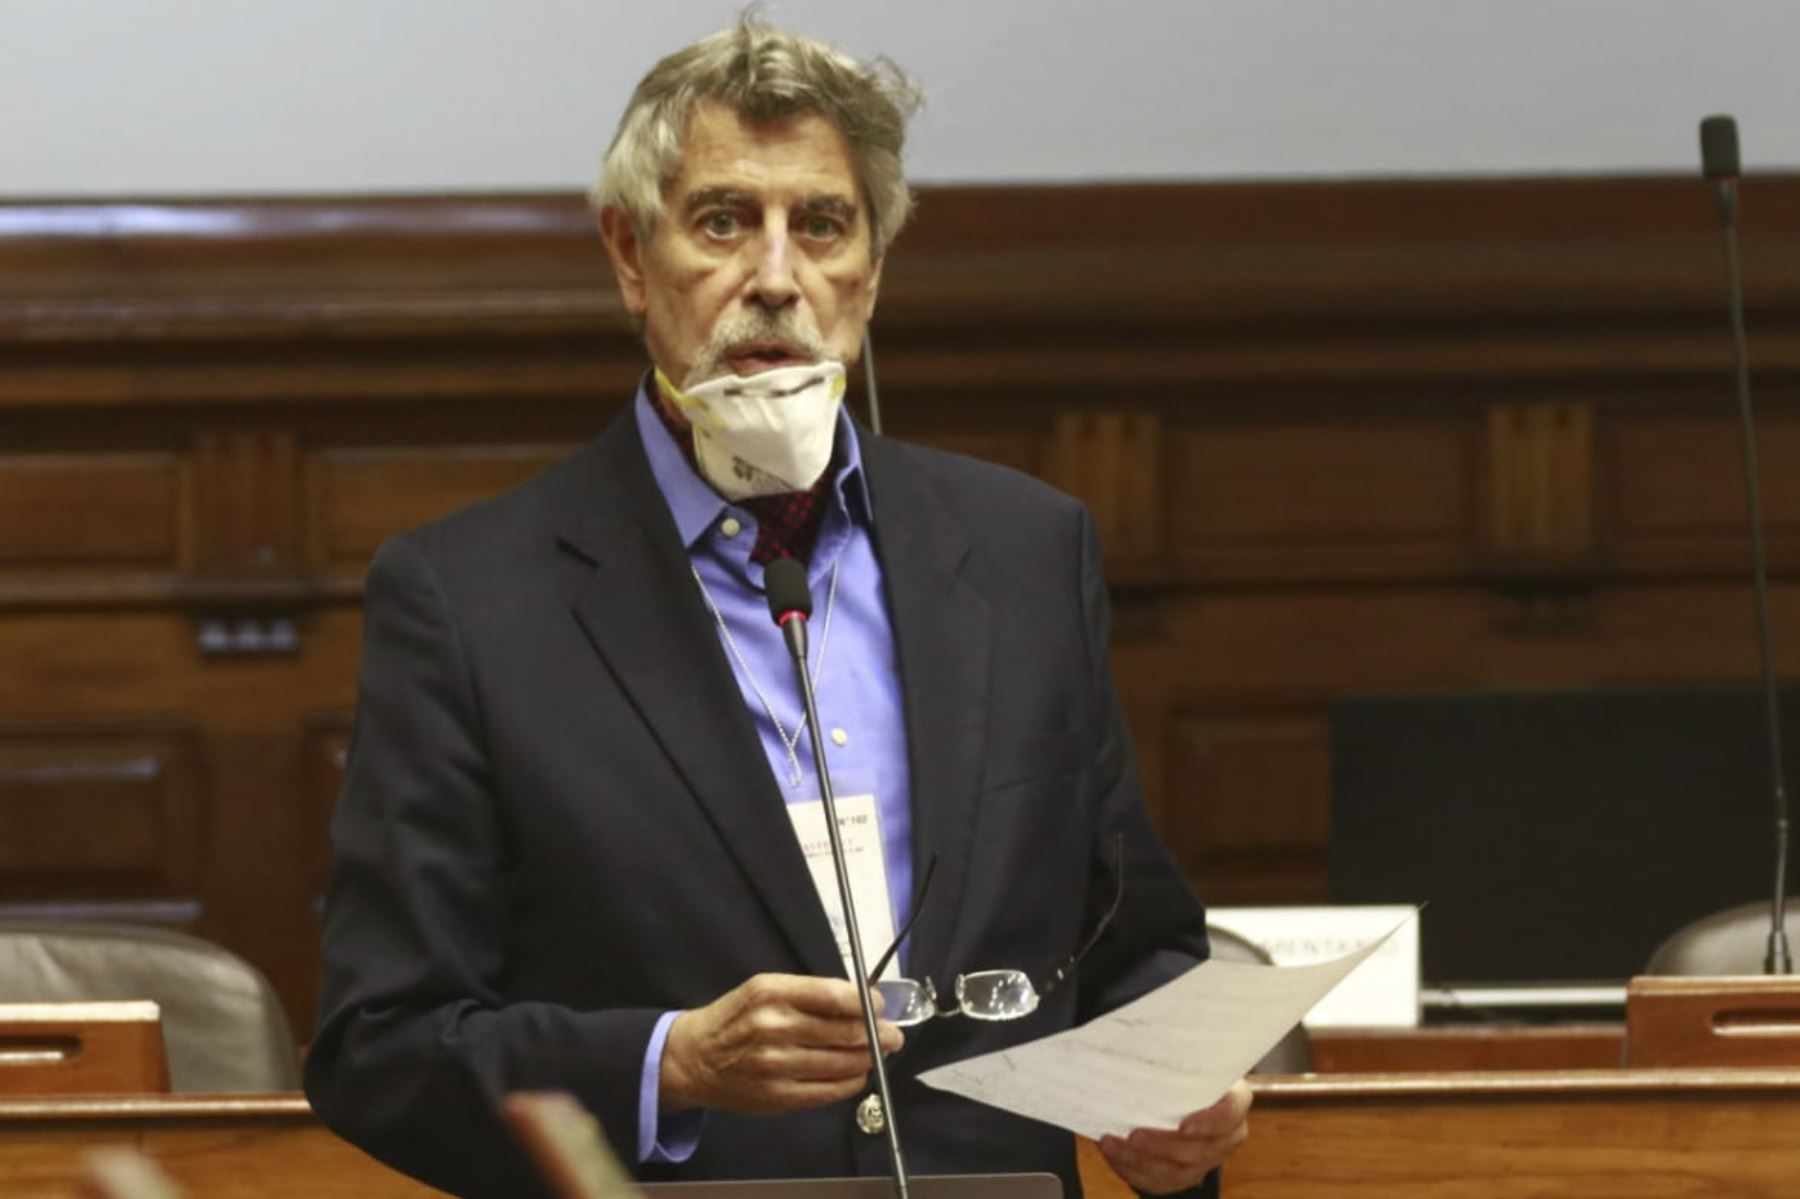 Congresista Francisco Sagasti. ANDINA/Difusión